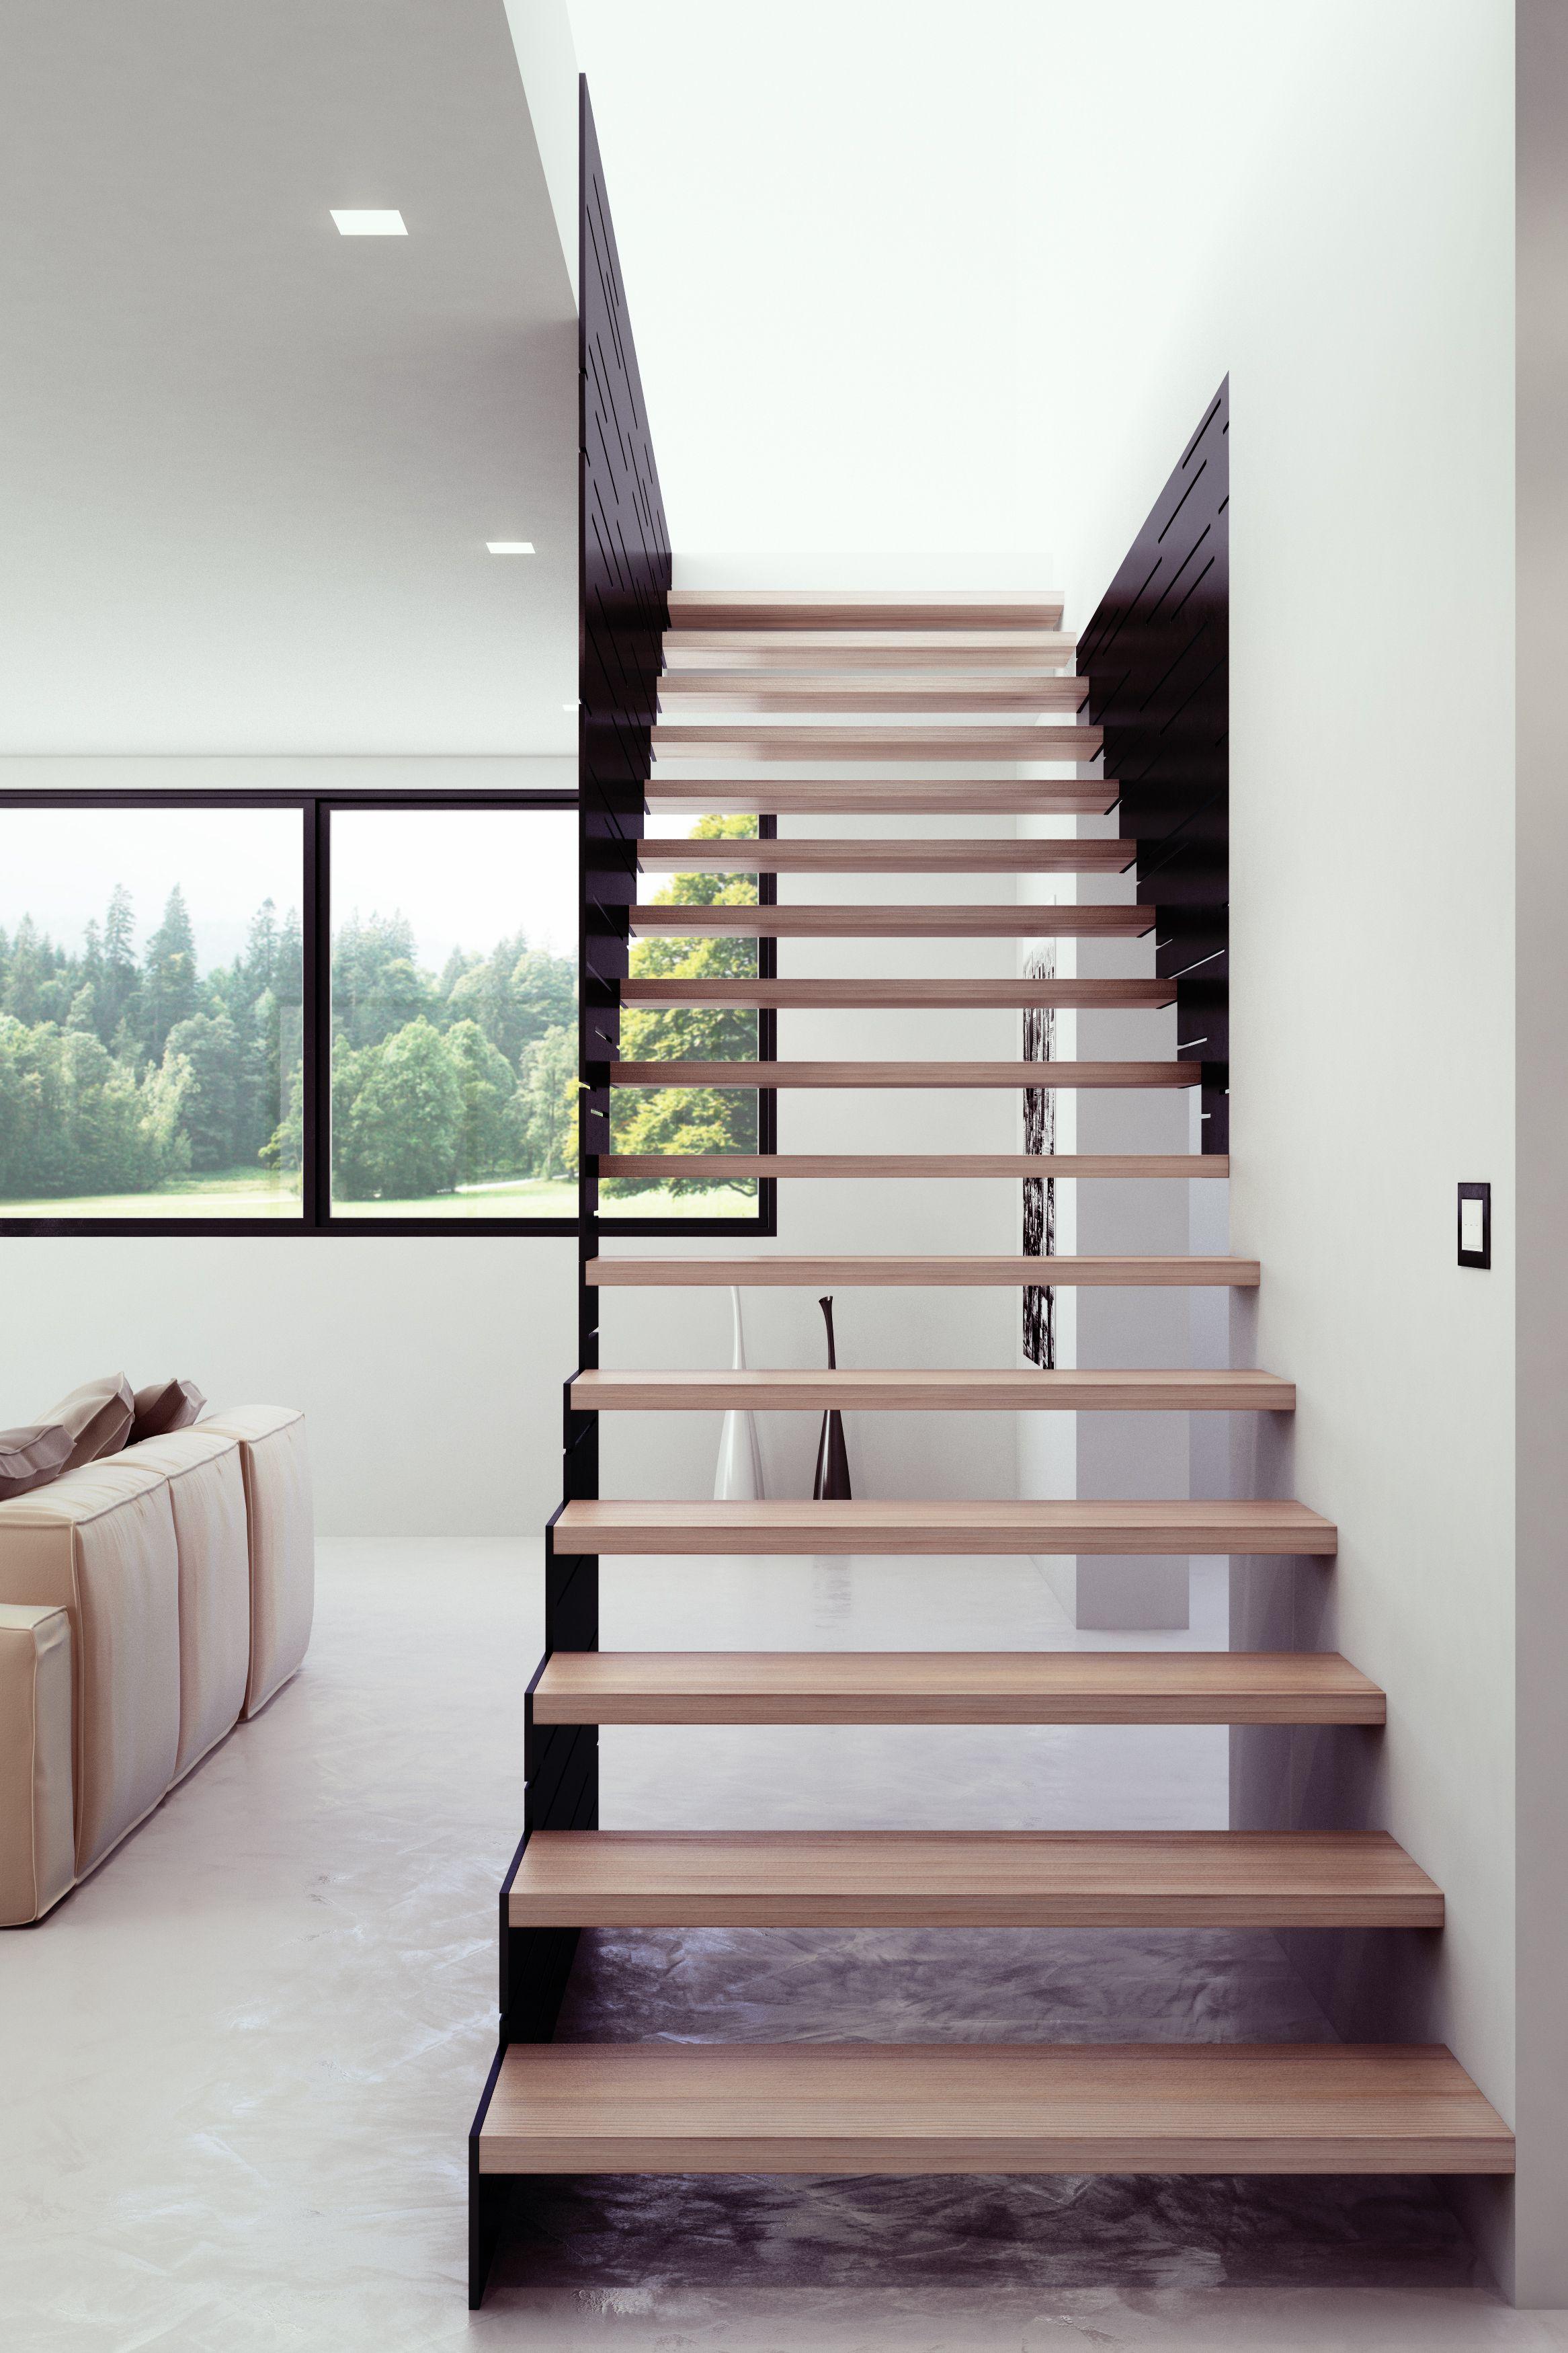 Il concetto di scala a giorno secondo interbau styling design madeinitaly mod 500 scale - Scale di design ...